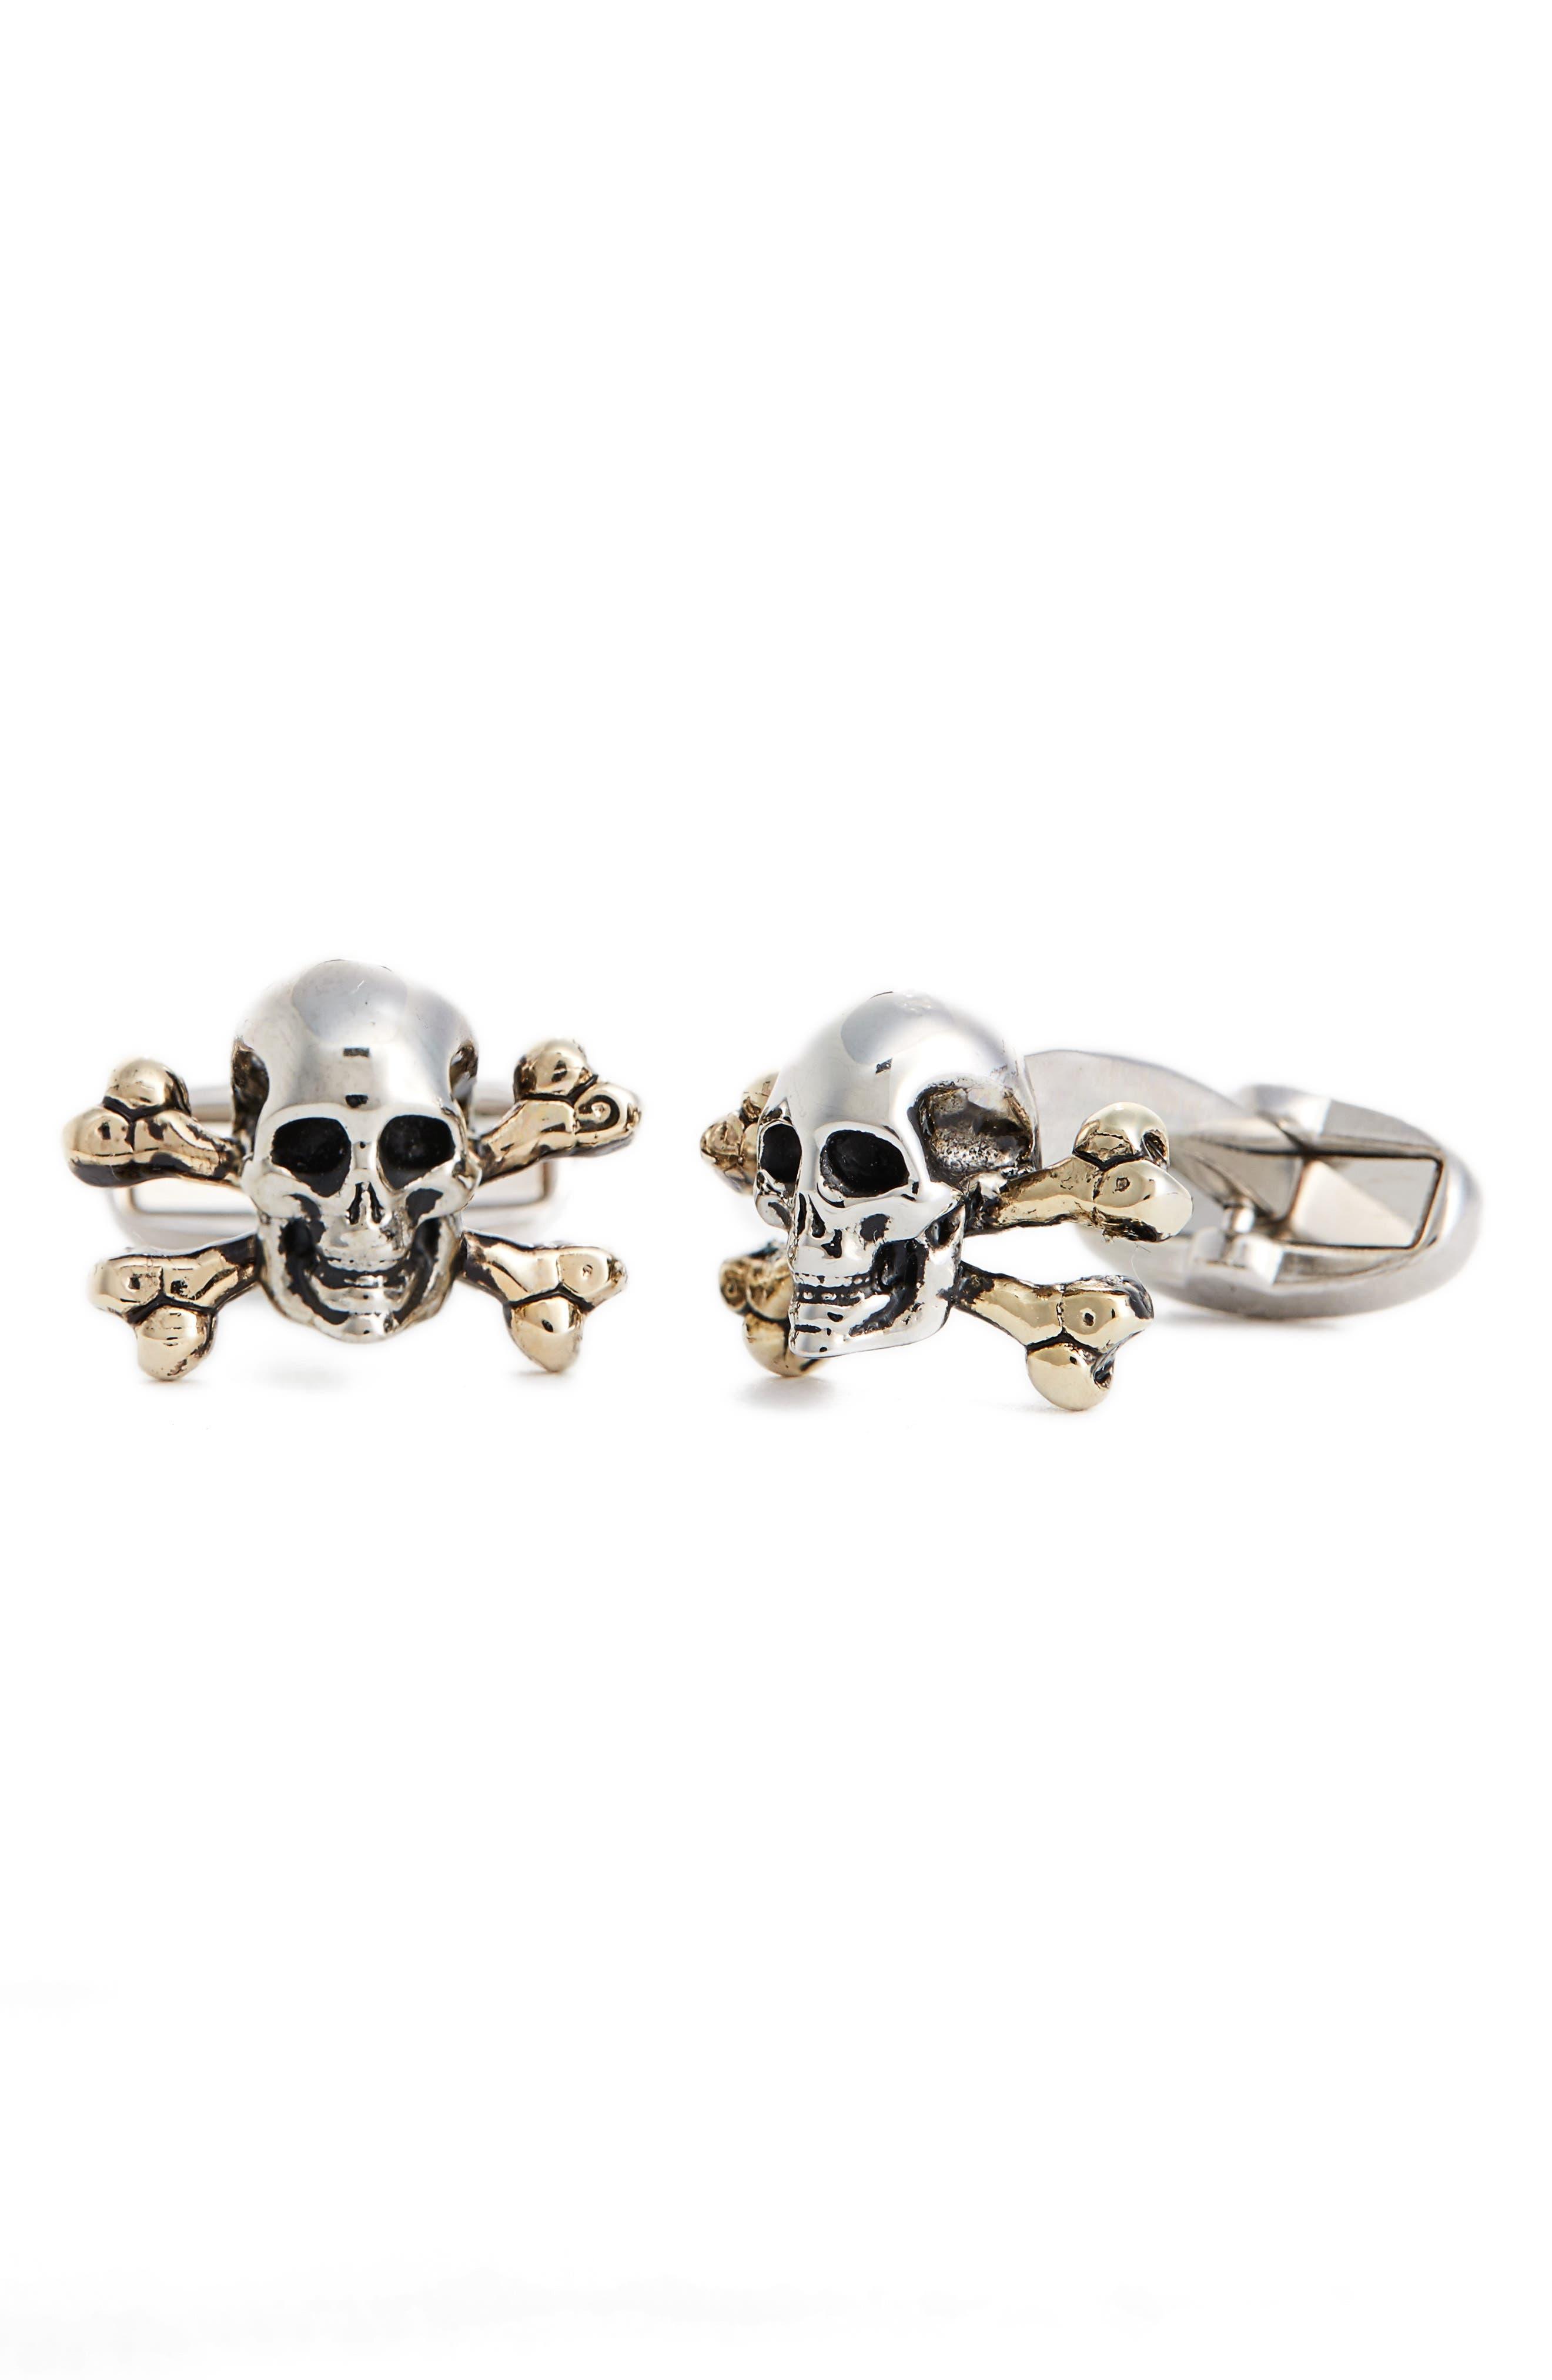 Paul Smith Skull & Crossbones Cuff Links